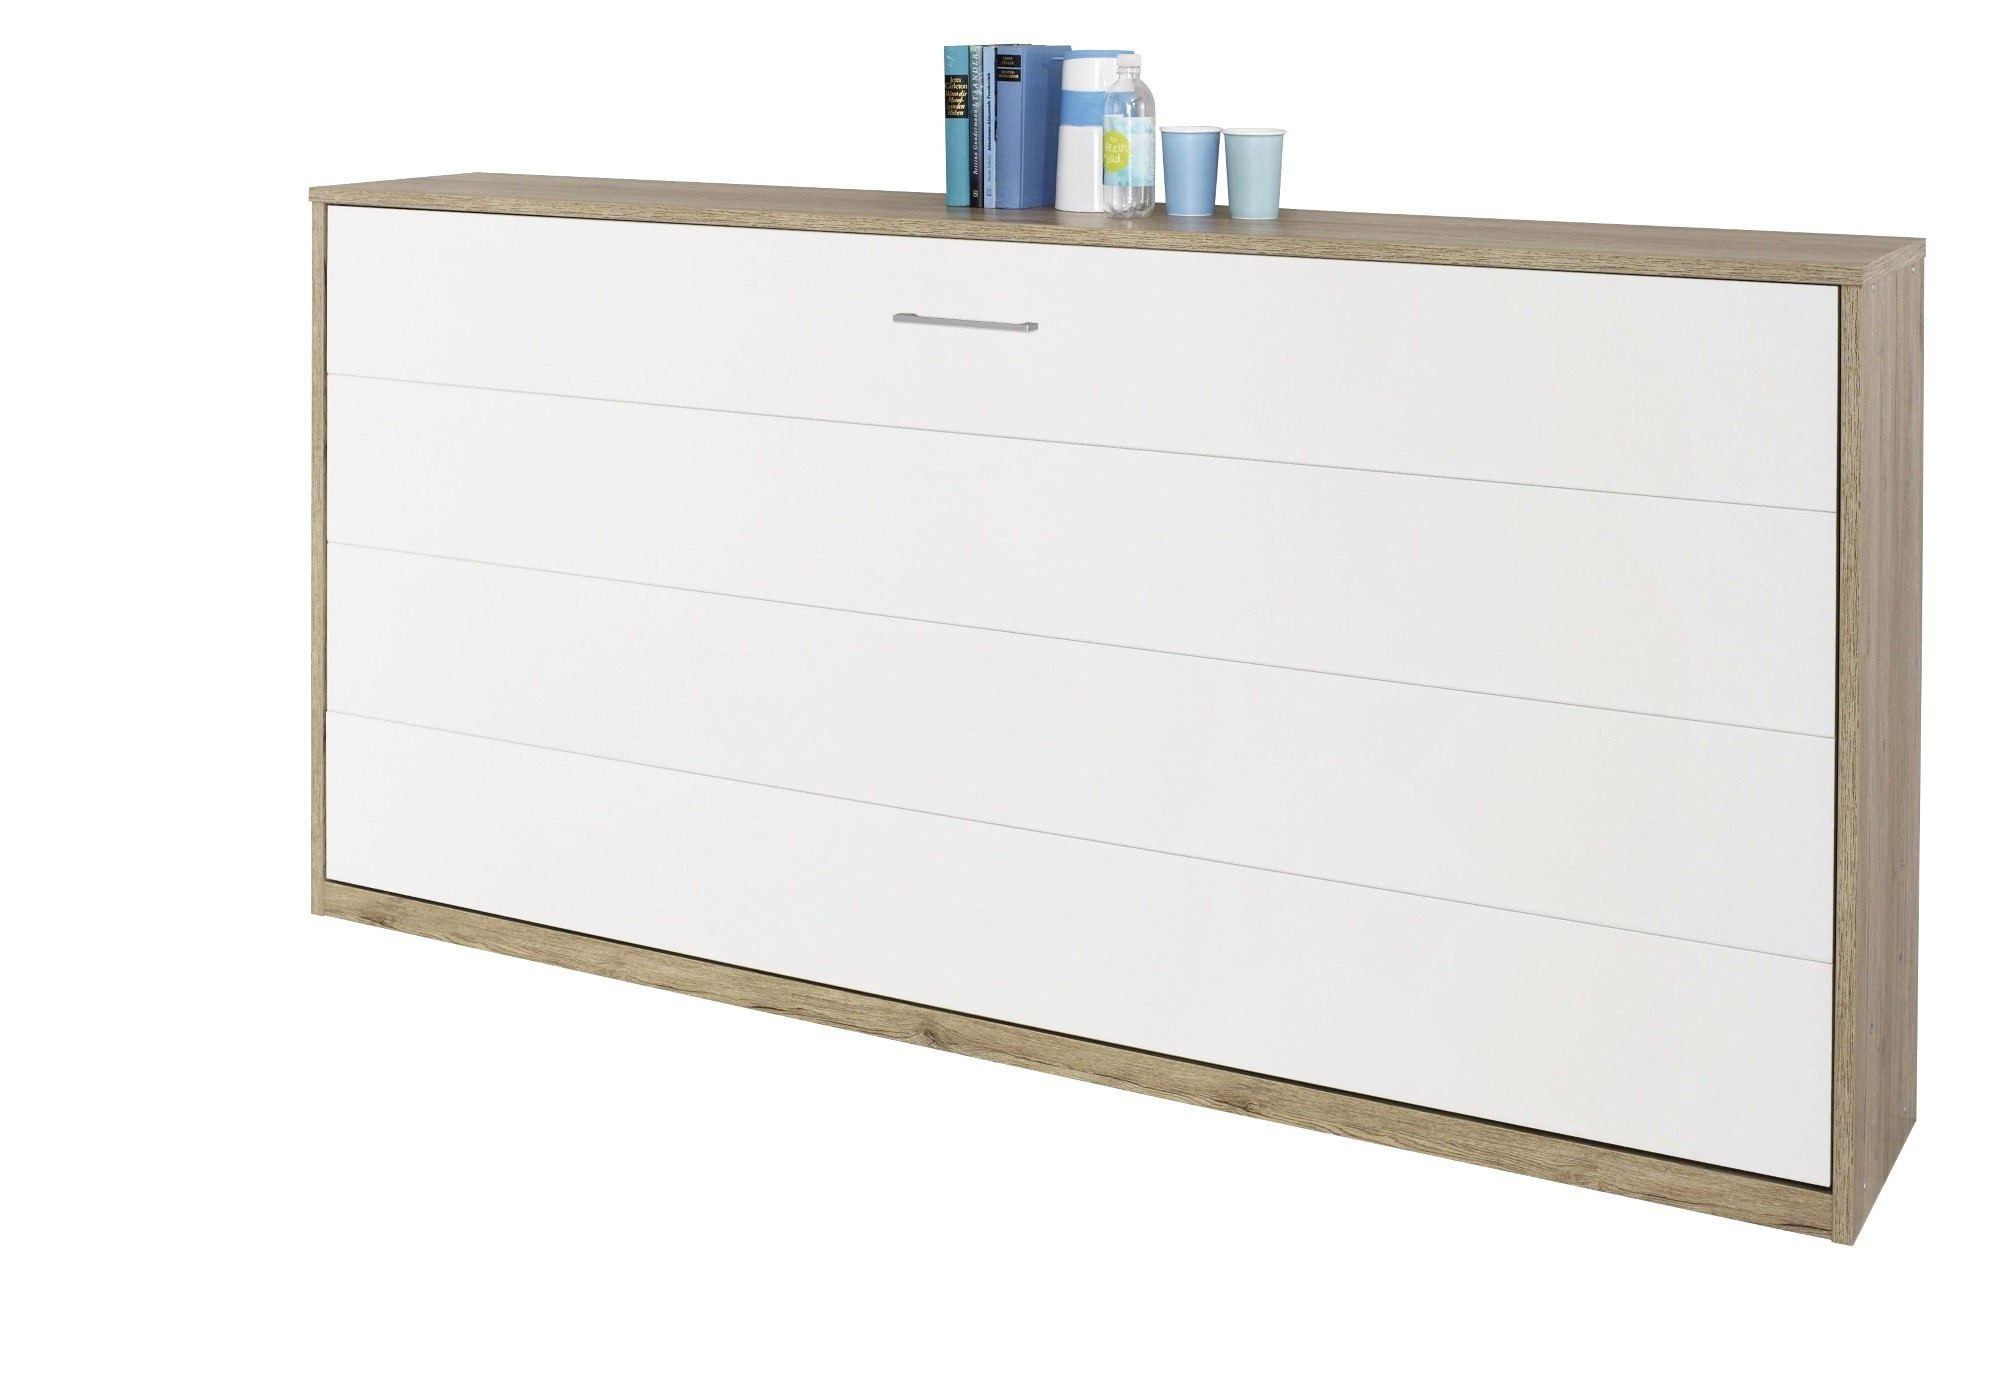 Lit Ikea 2 Personnes Impressionnant Lit Armoire 2 Places Beautiful ¢Ë†Å¡ Lit Pliant 2 Places Lit Ikea